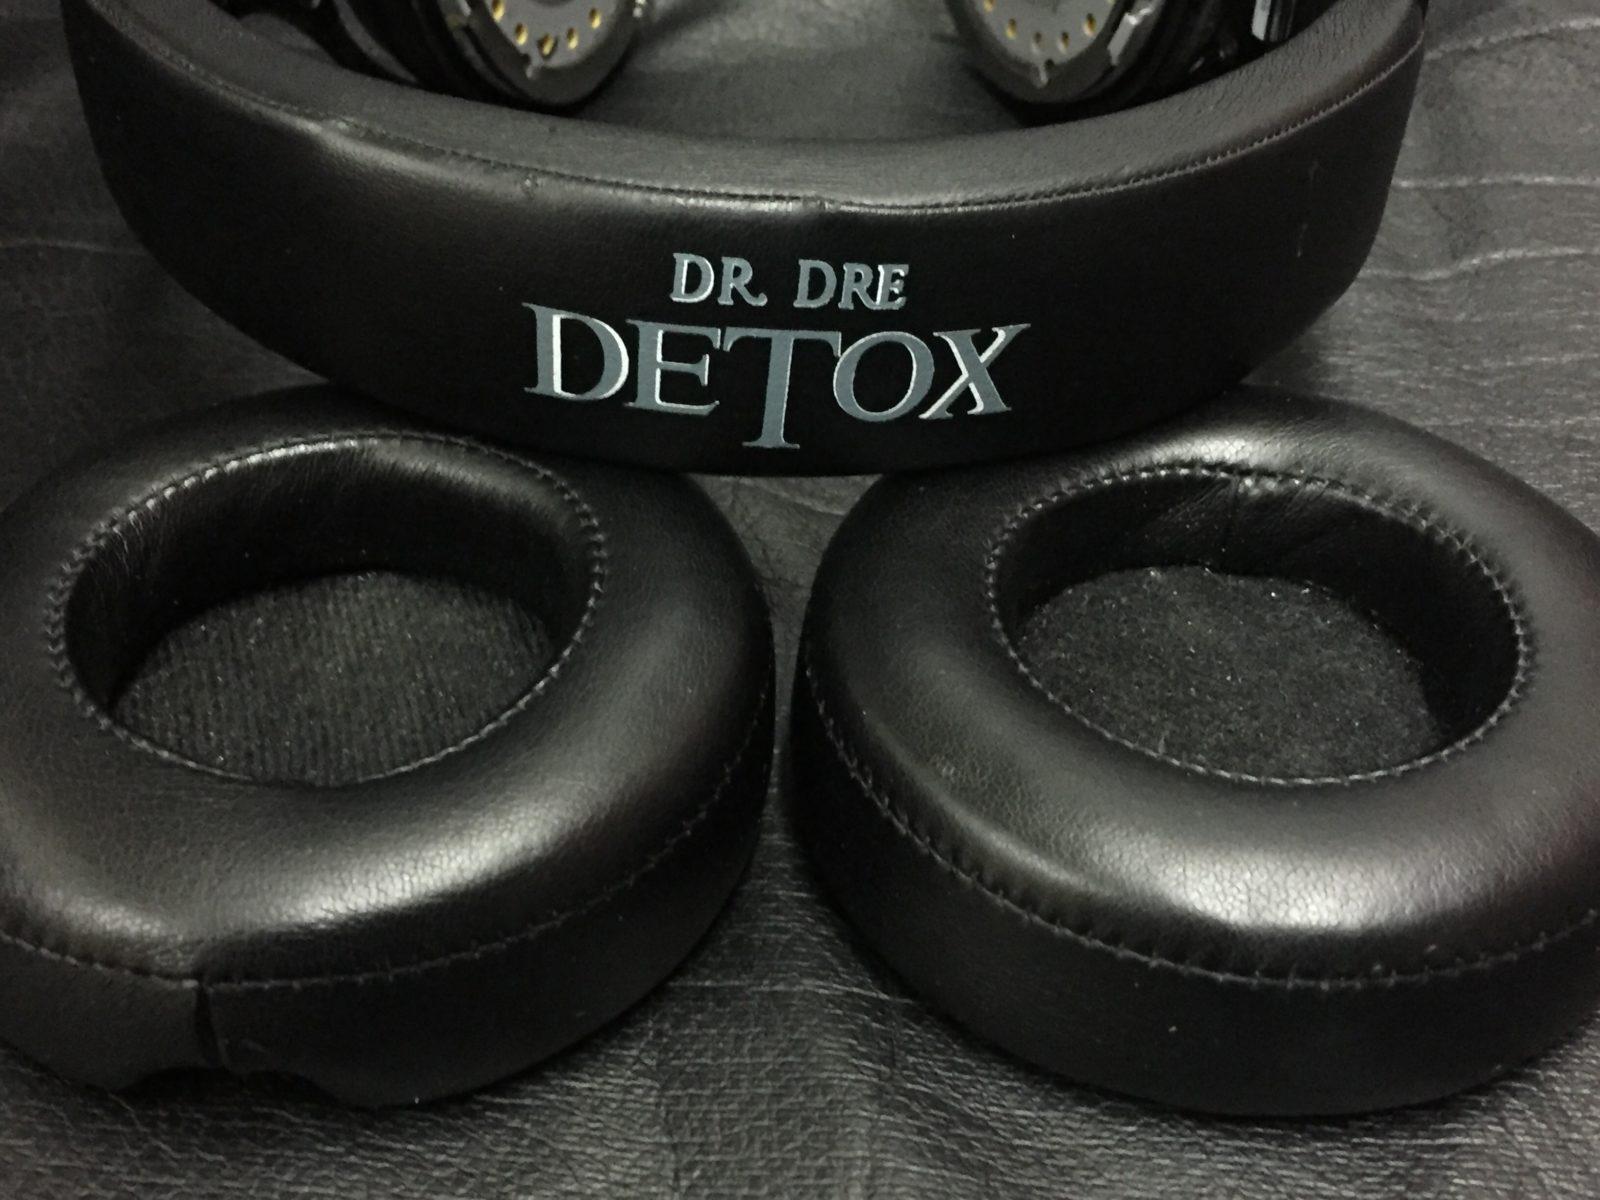 Восстановление кожи амбушюр (подушек) в наушниках Beats Dr. dre detox